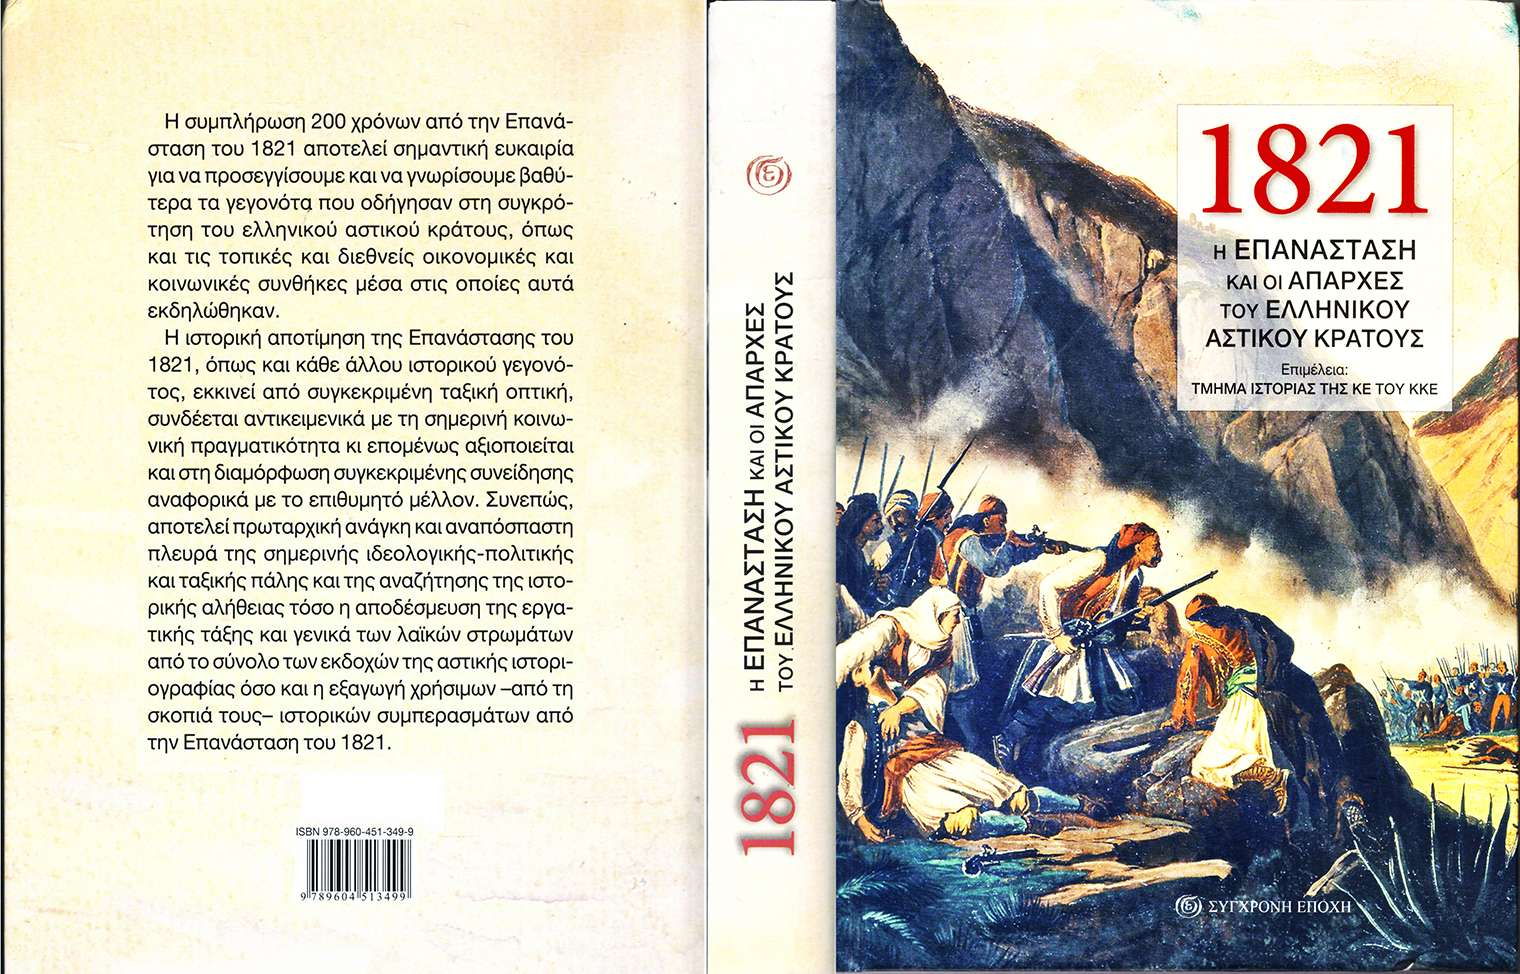 1821 Η επανάσταση και οι απαρχές του ελληνικού αστικού κράτους